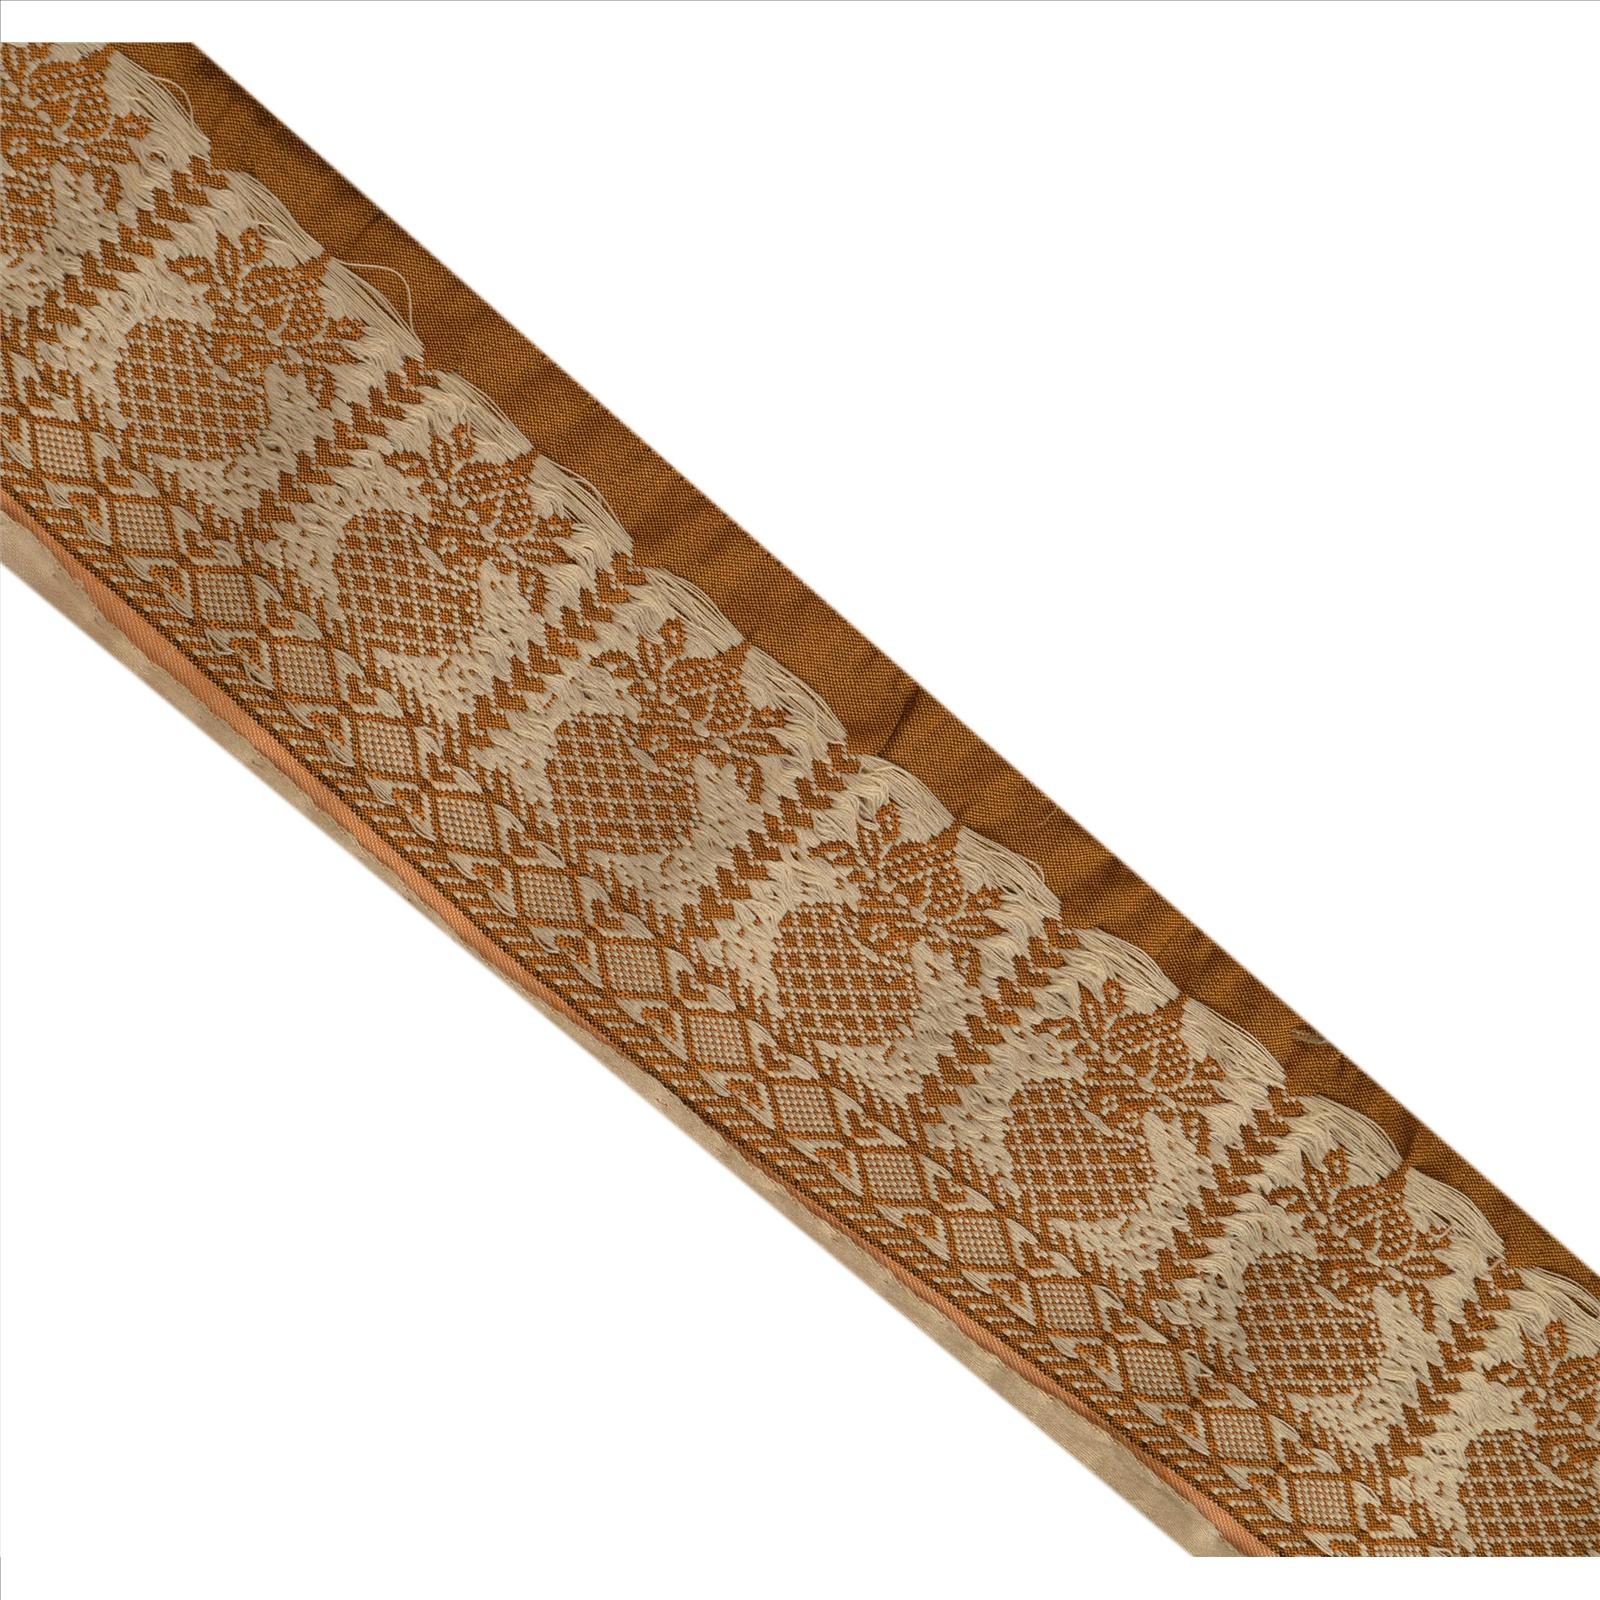 Vintage Sari Border Antique Embroidered Woven Trim Sewing Saffron Lace Trims